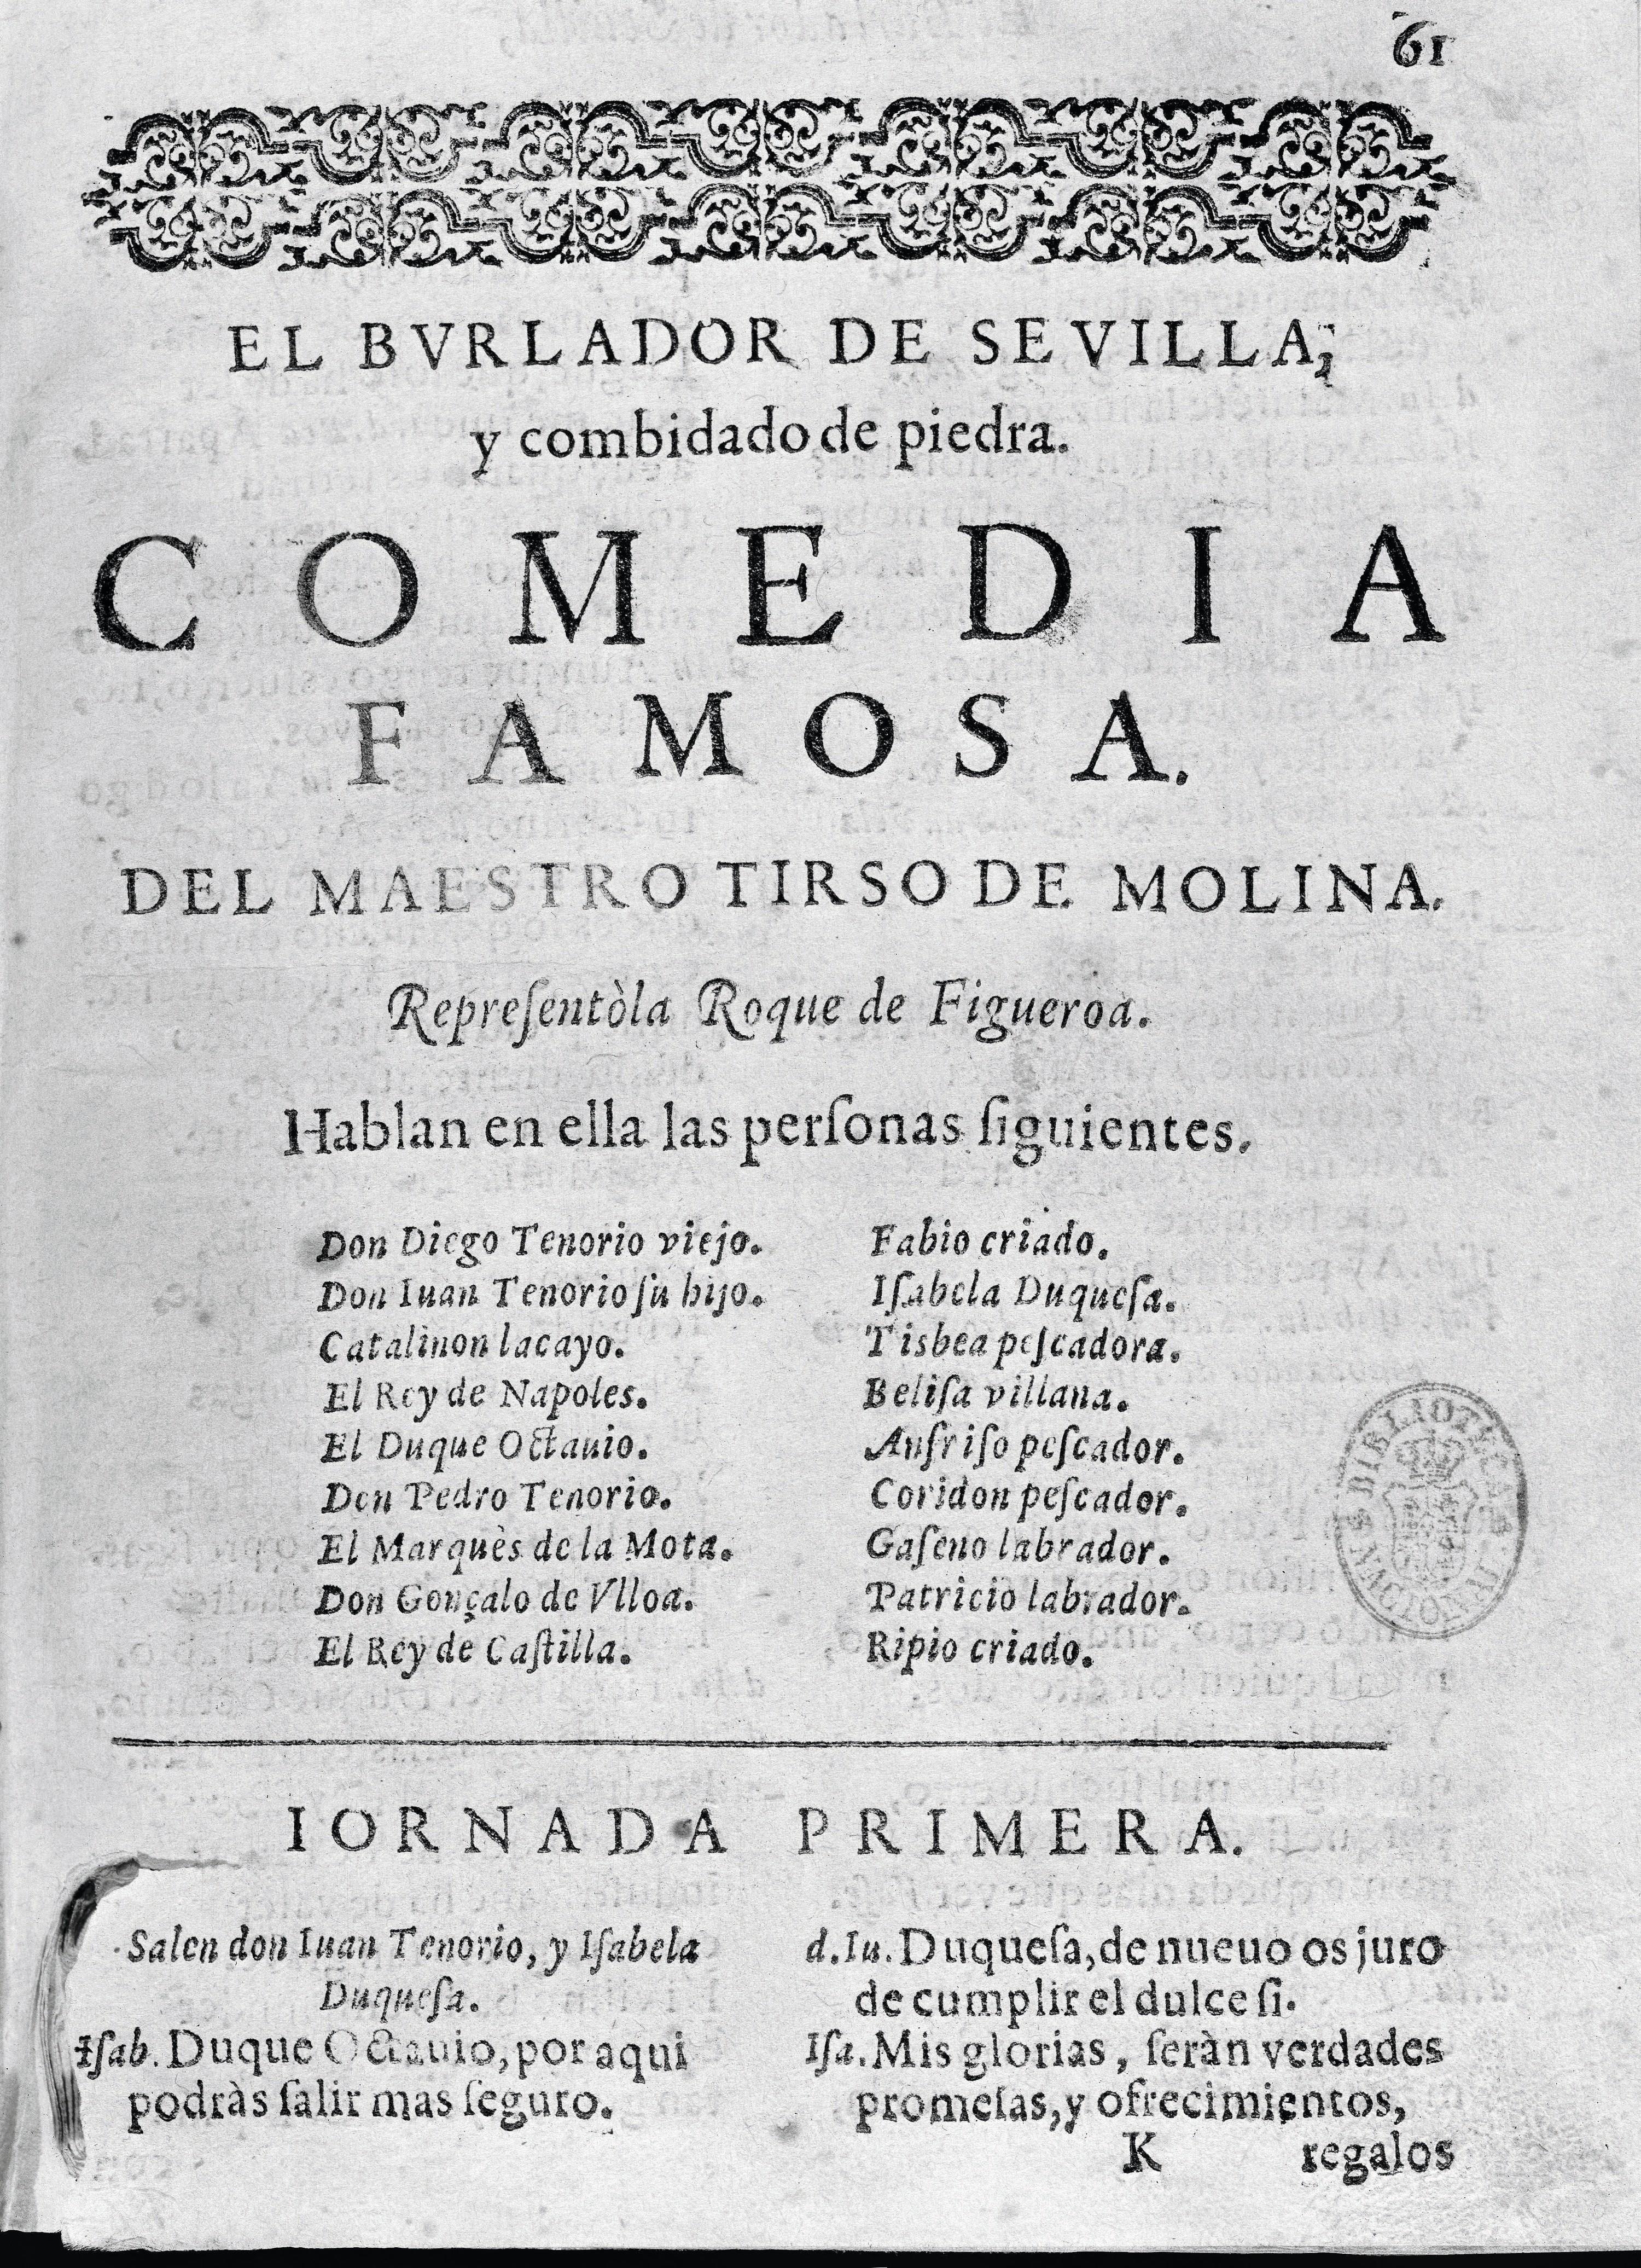 Tirso de Molina, El Burlador de Sevilla, édition du XVIIe siècle, Bibliothèque nationale, Madrid.